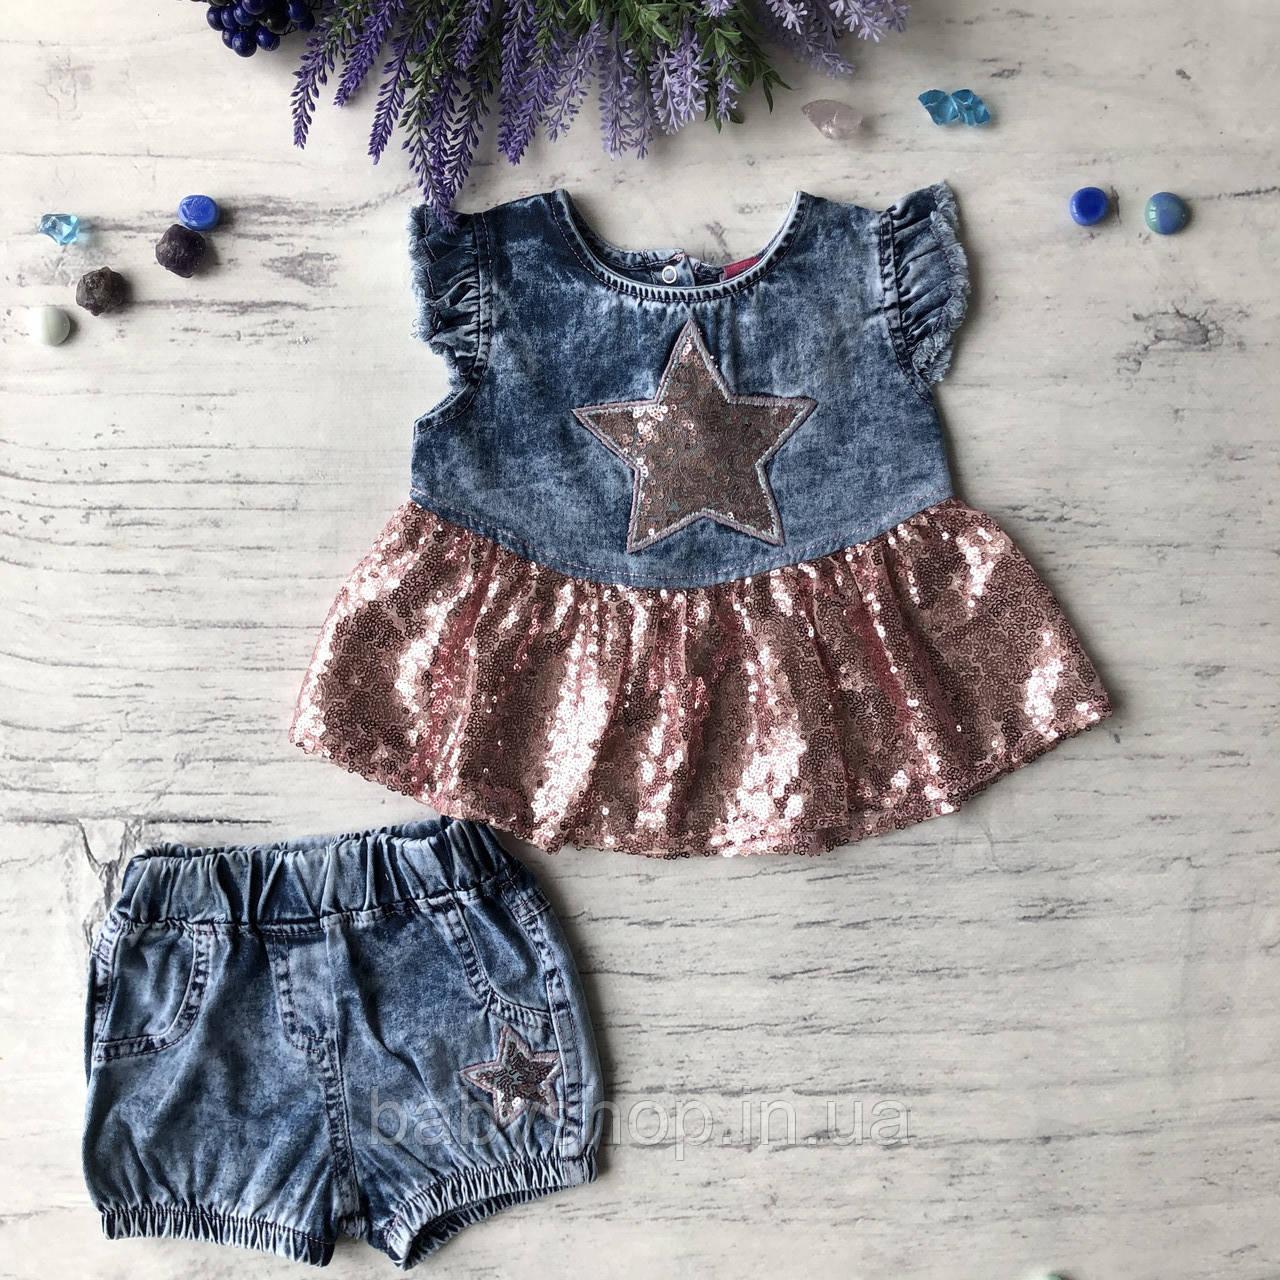 Летний джинсовый костюм на девочку 123. Размер 9 мес, 1 год, 2 года, 3 года